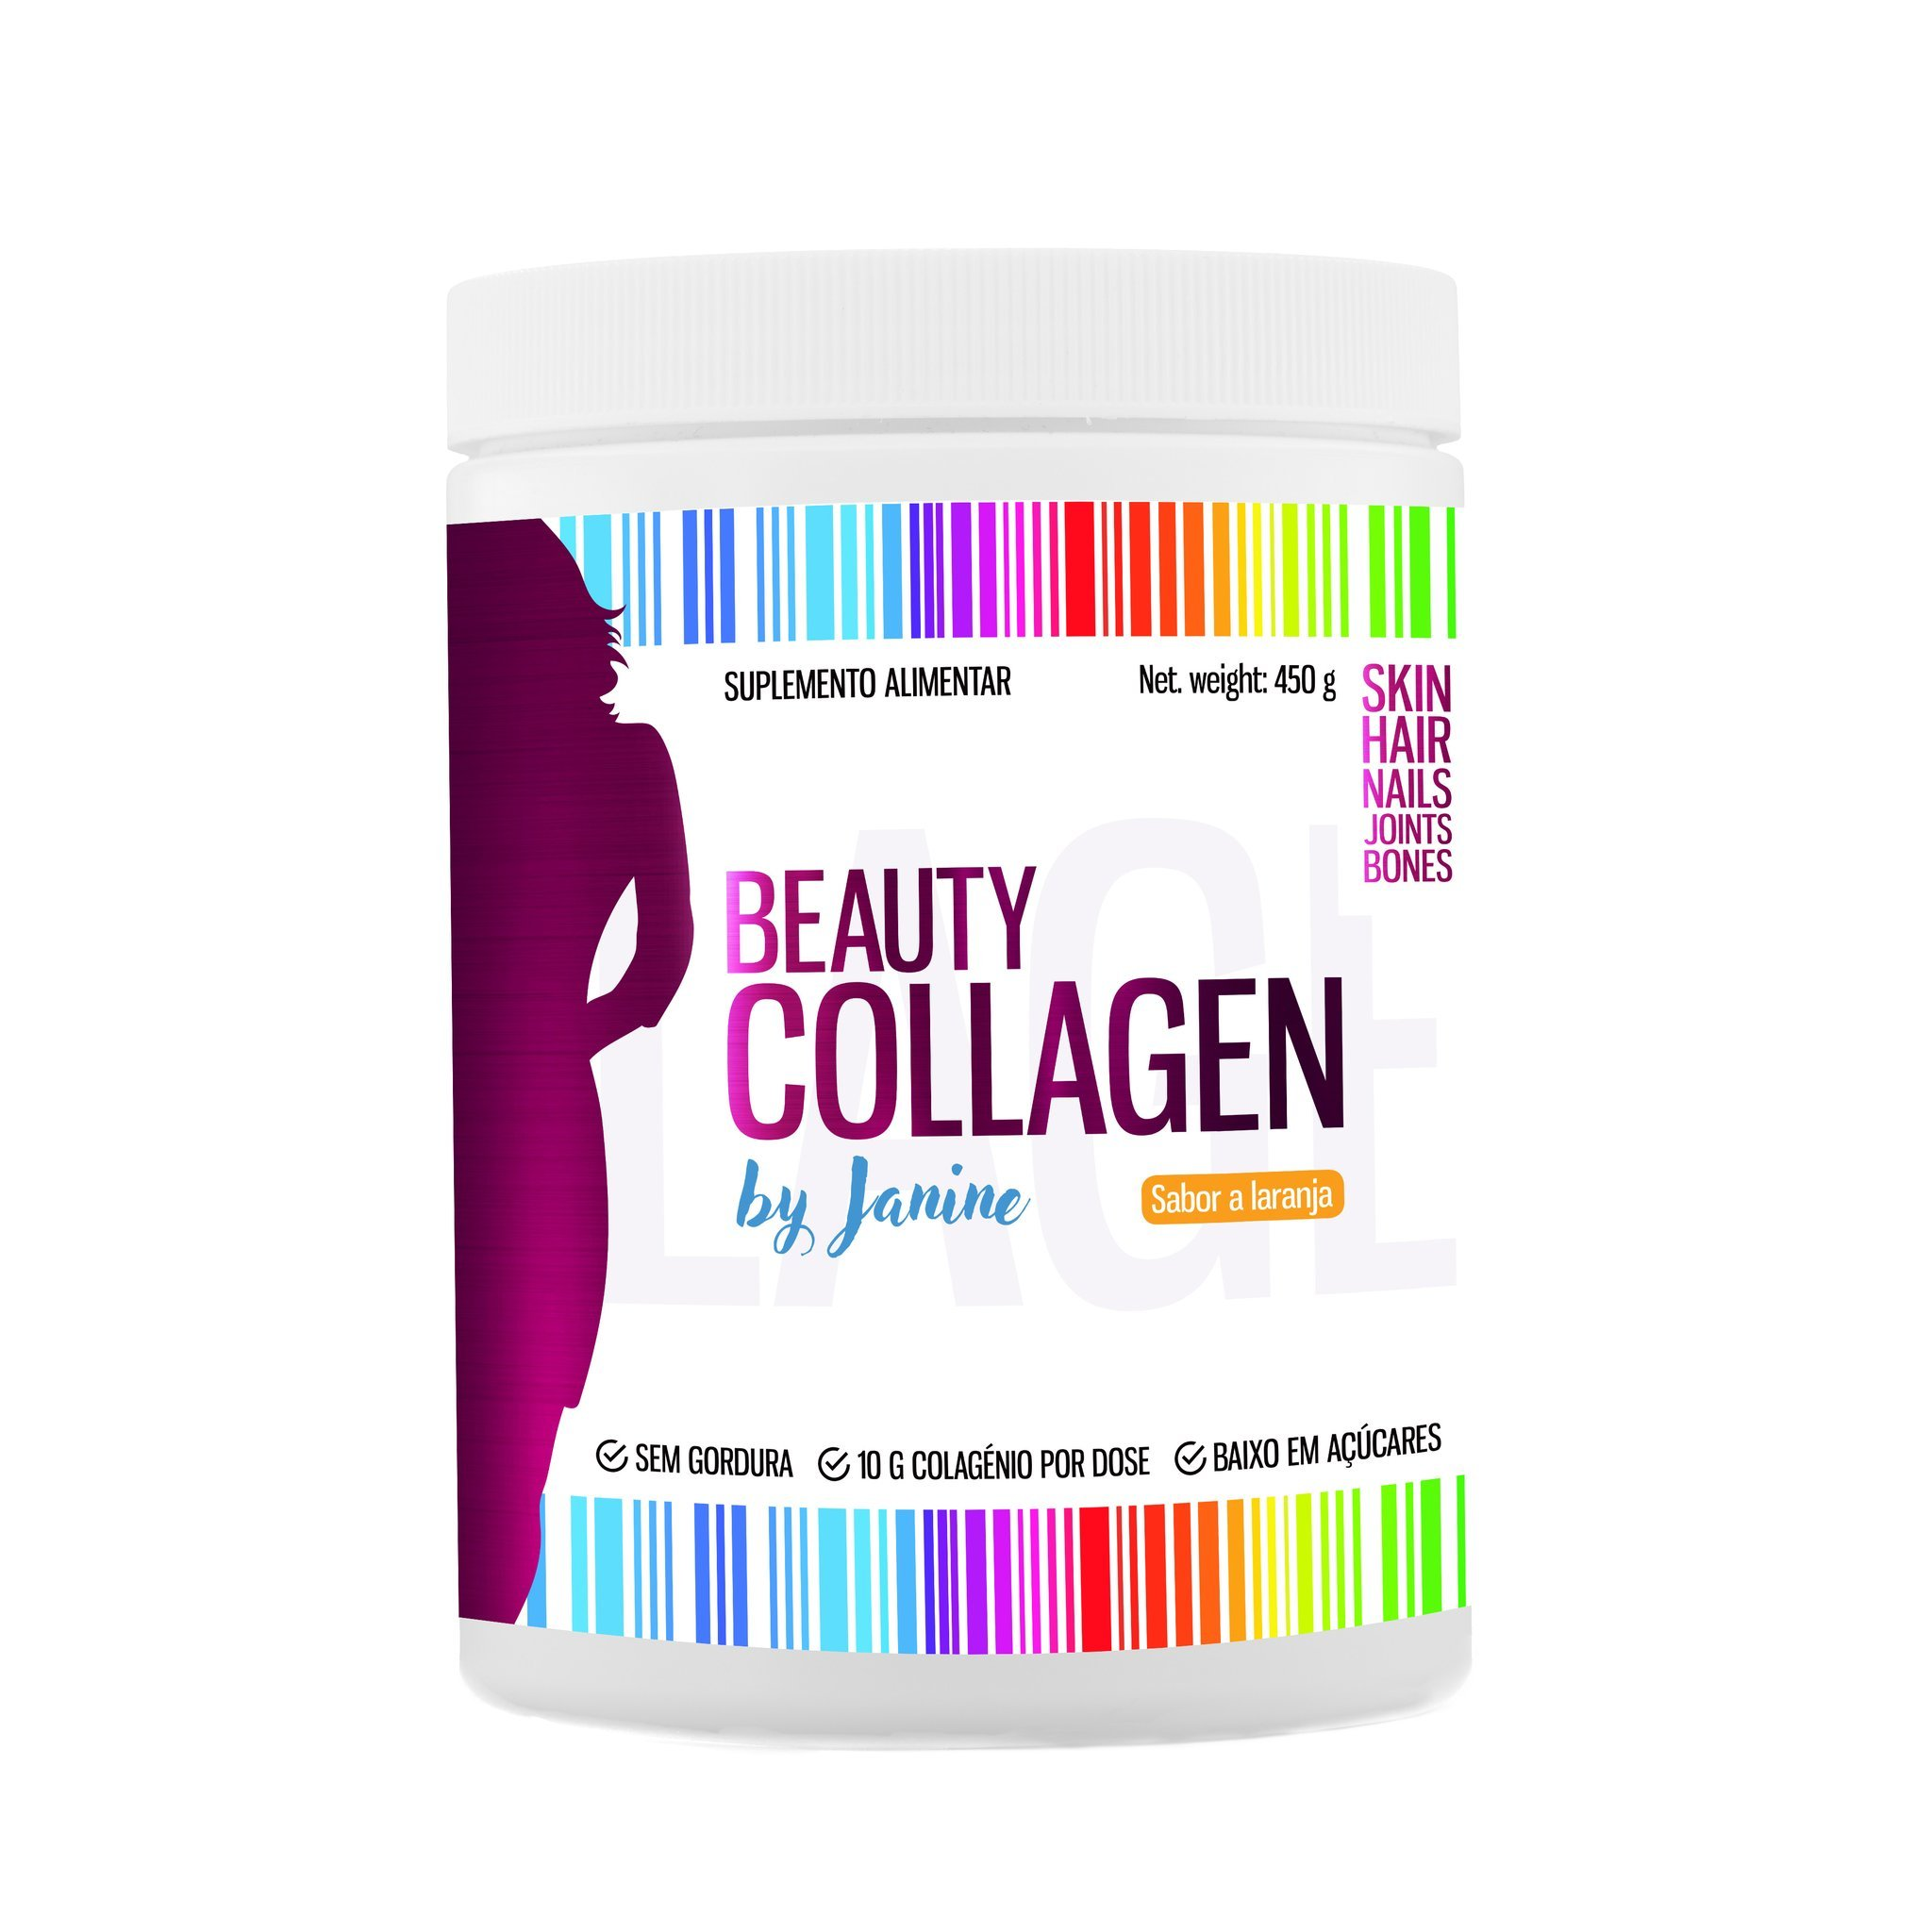 Beauty Collagen by Janine + Shaker